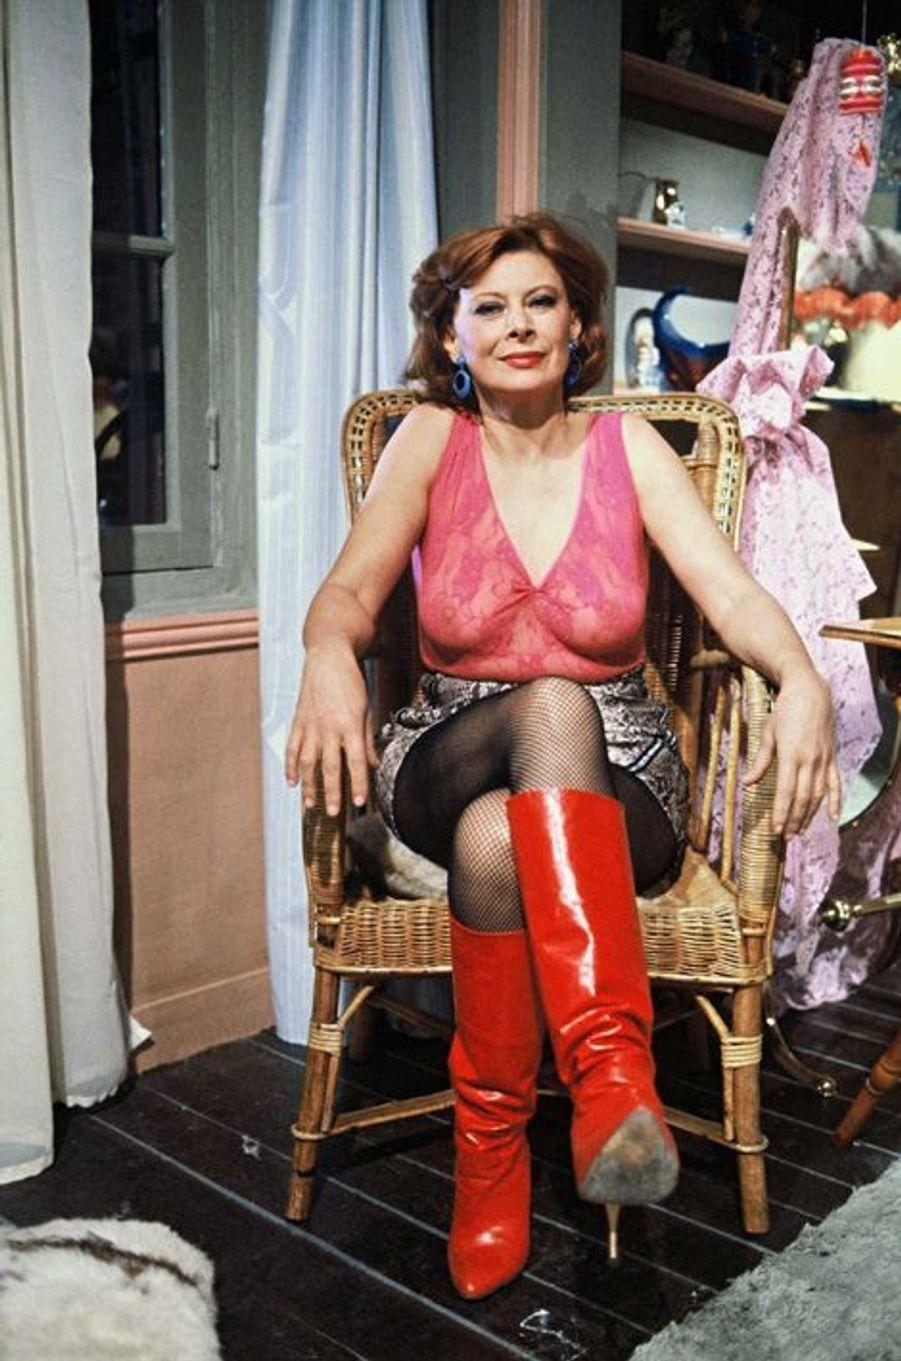 """1983. Magali Noël sur le tournage du telefilm """"Les bottes rouges"""" sur TF1"""